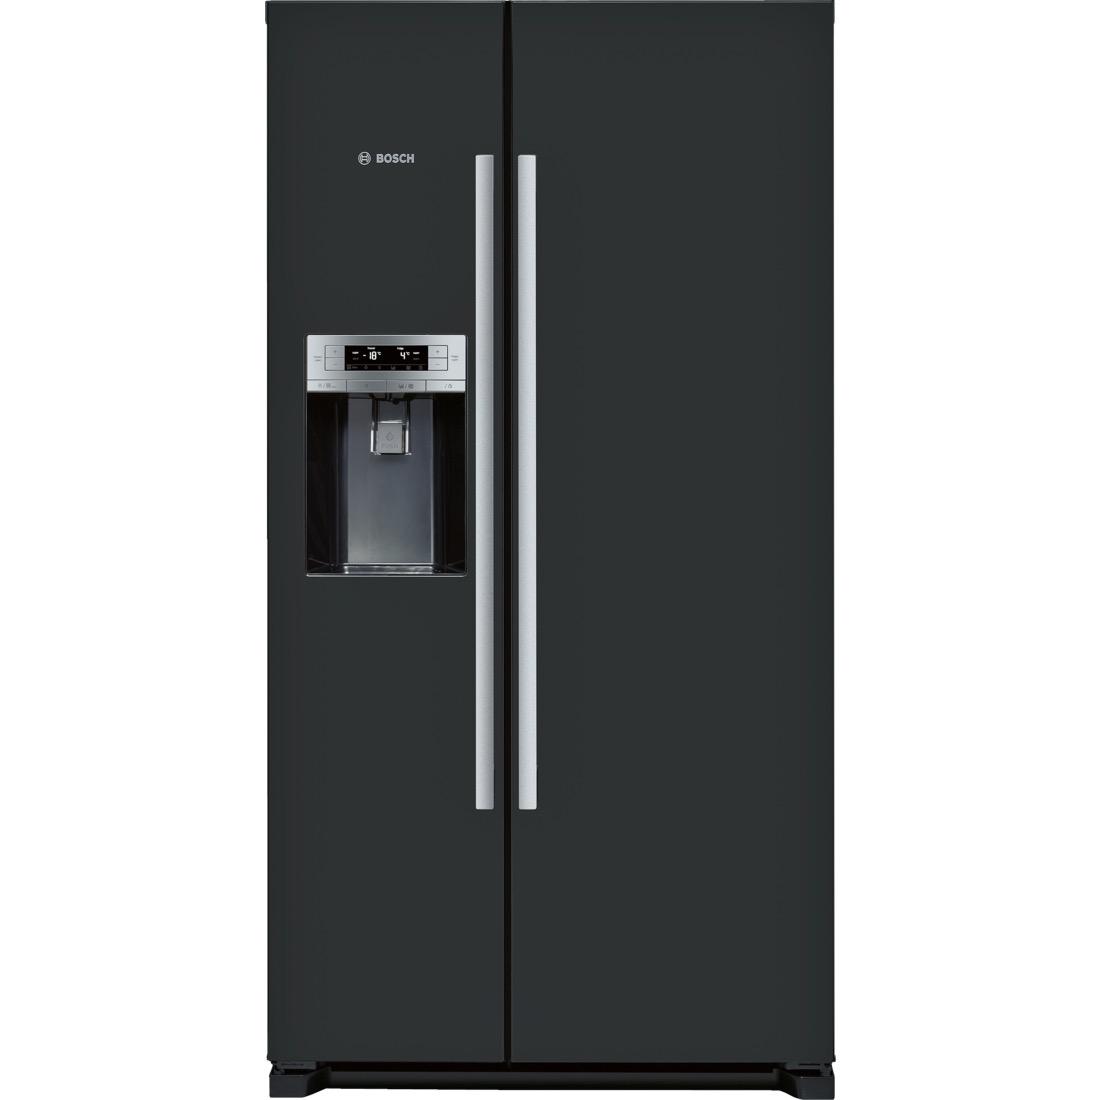 side-by-side koelkast vrijstaand Bosch KAD90VB20 side-by-side koelkast vrijstaand KAD 90VB20 KAD 90 VB 20